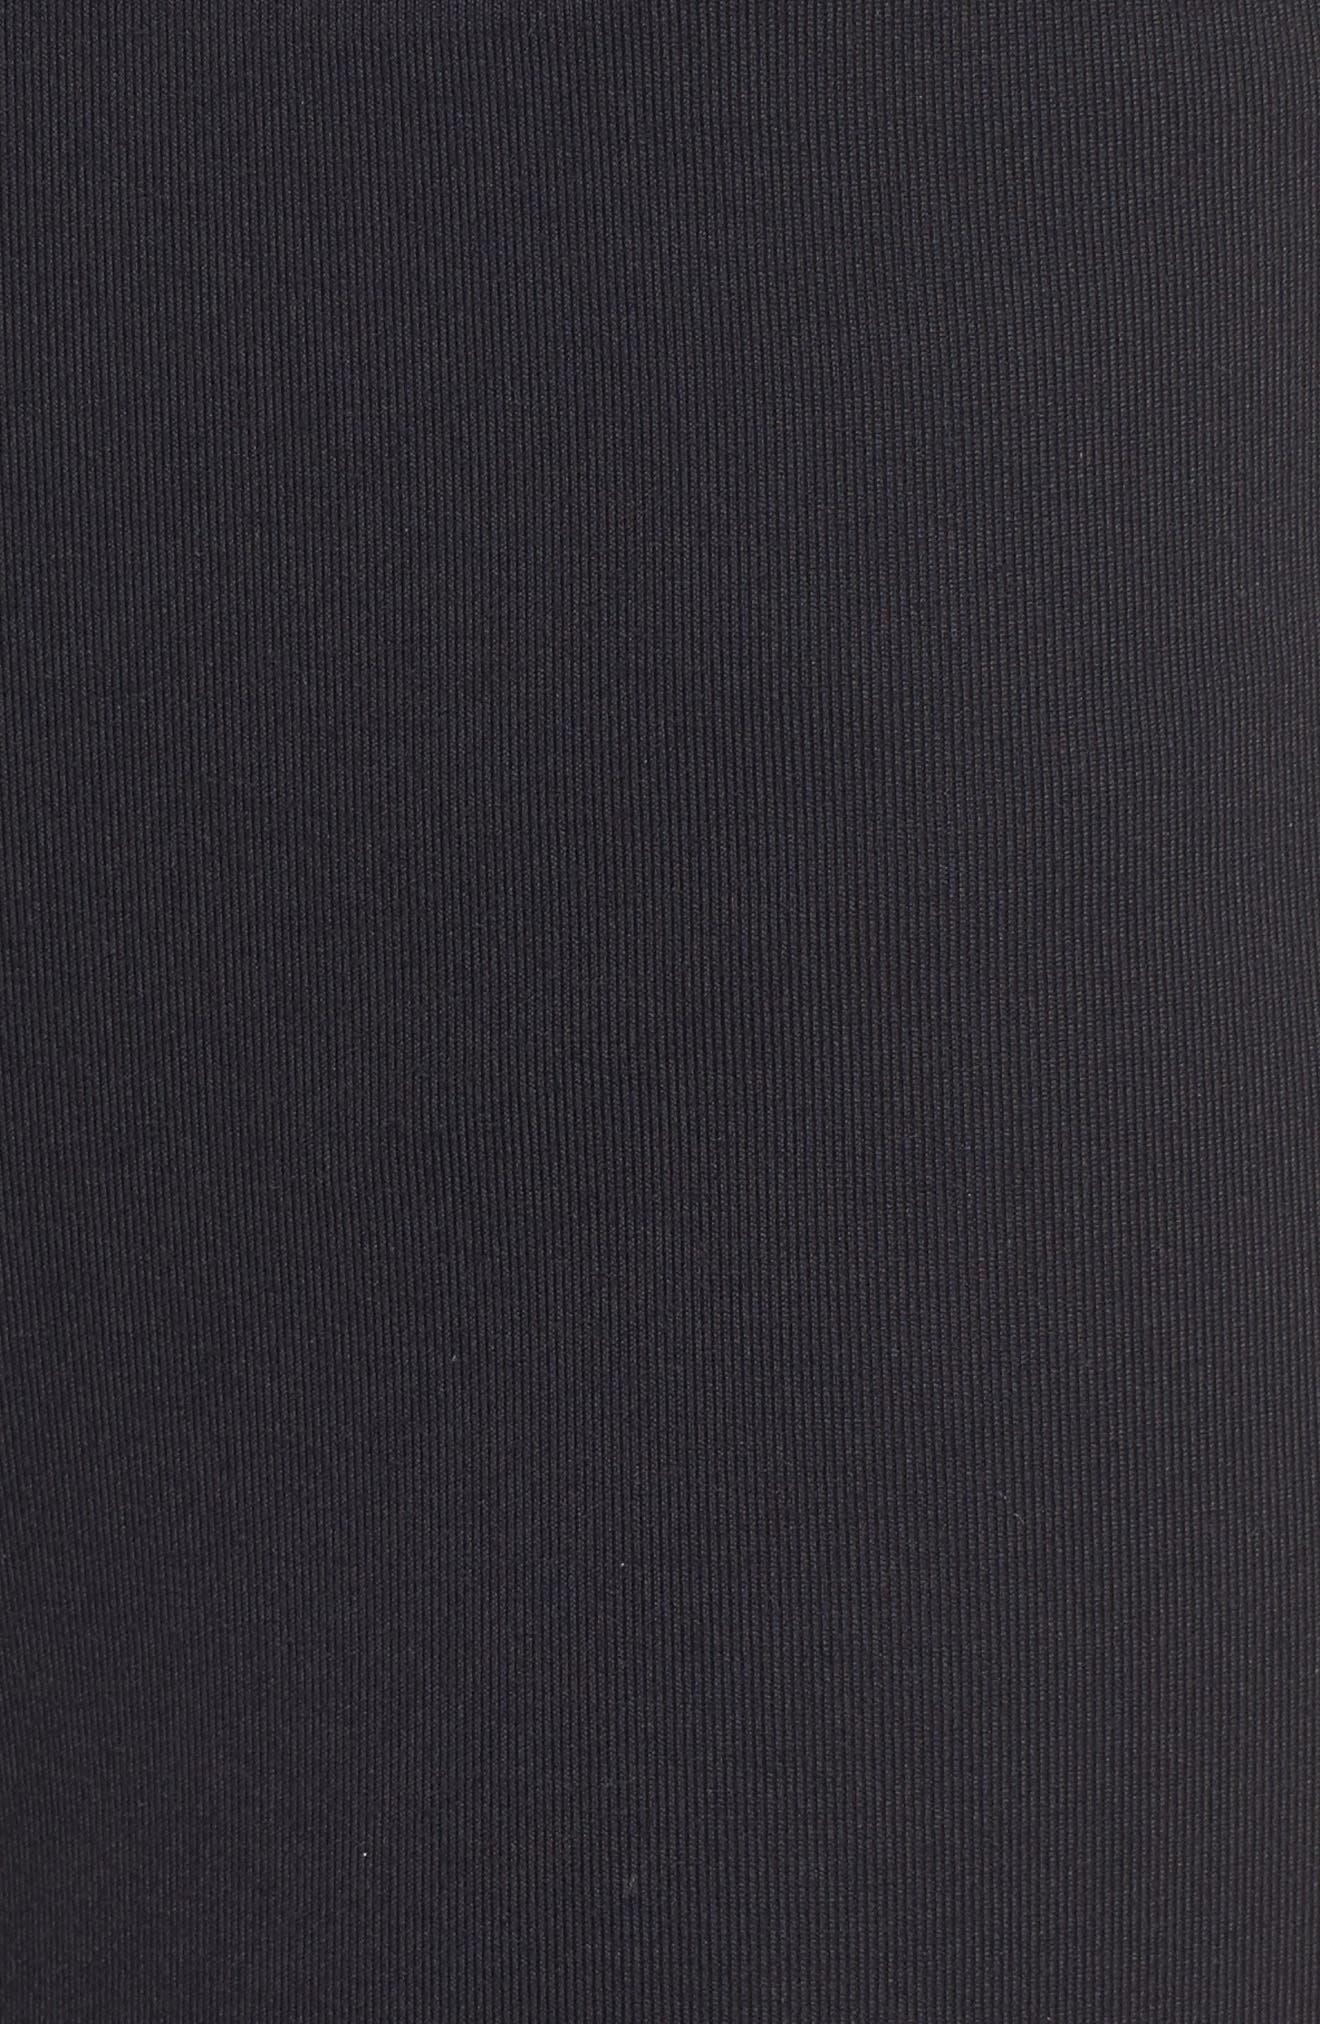 Stripe High Waist Ankle Leggings,                             Alternate thumbnail 5, color,                             001